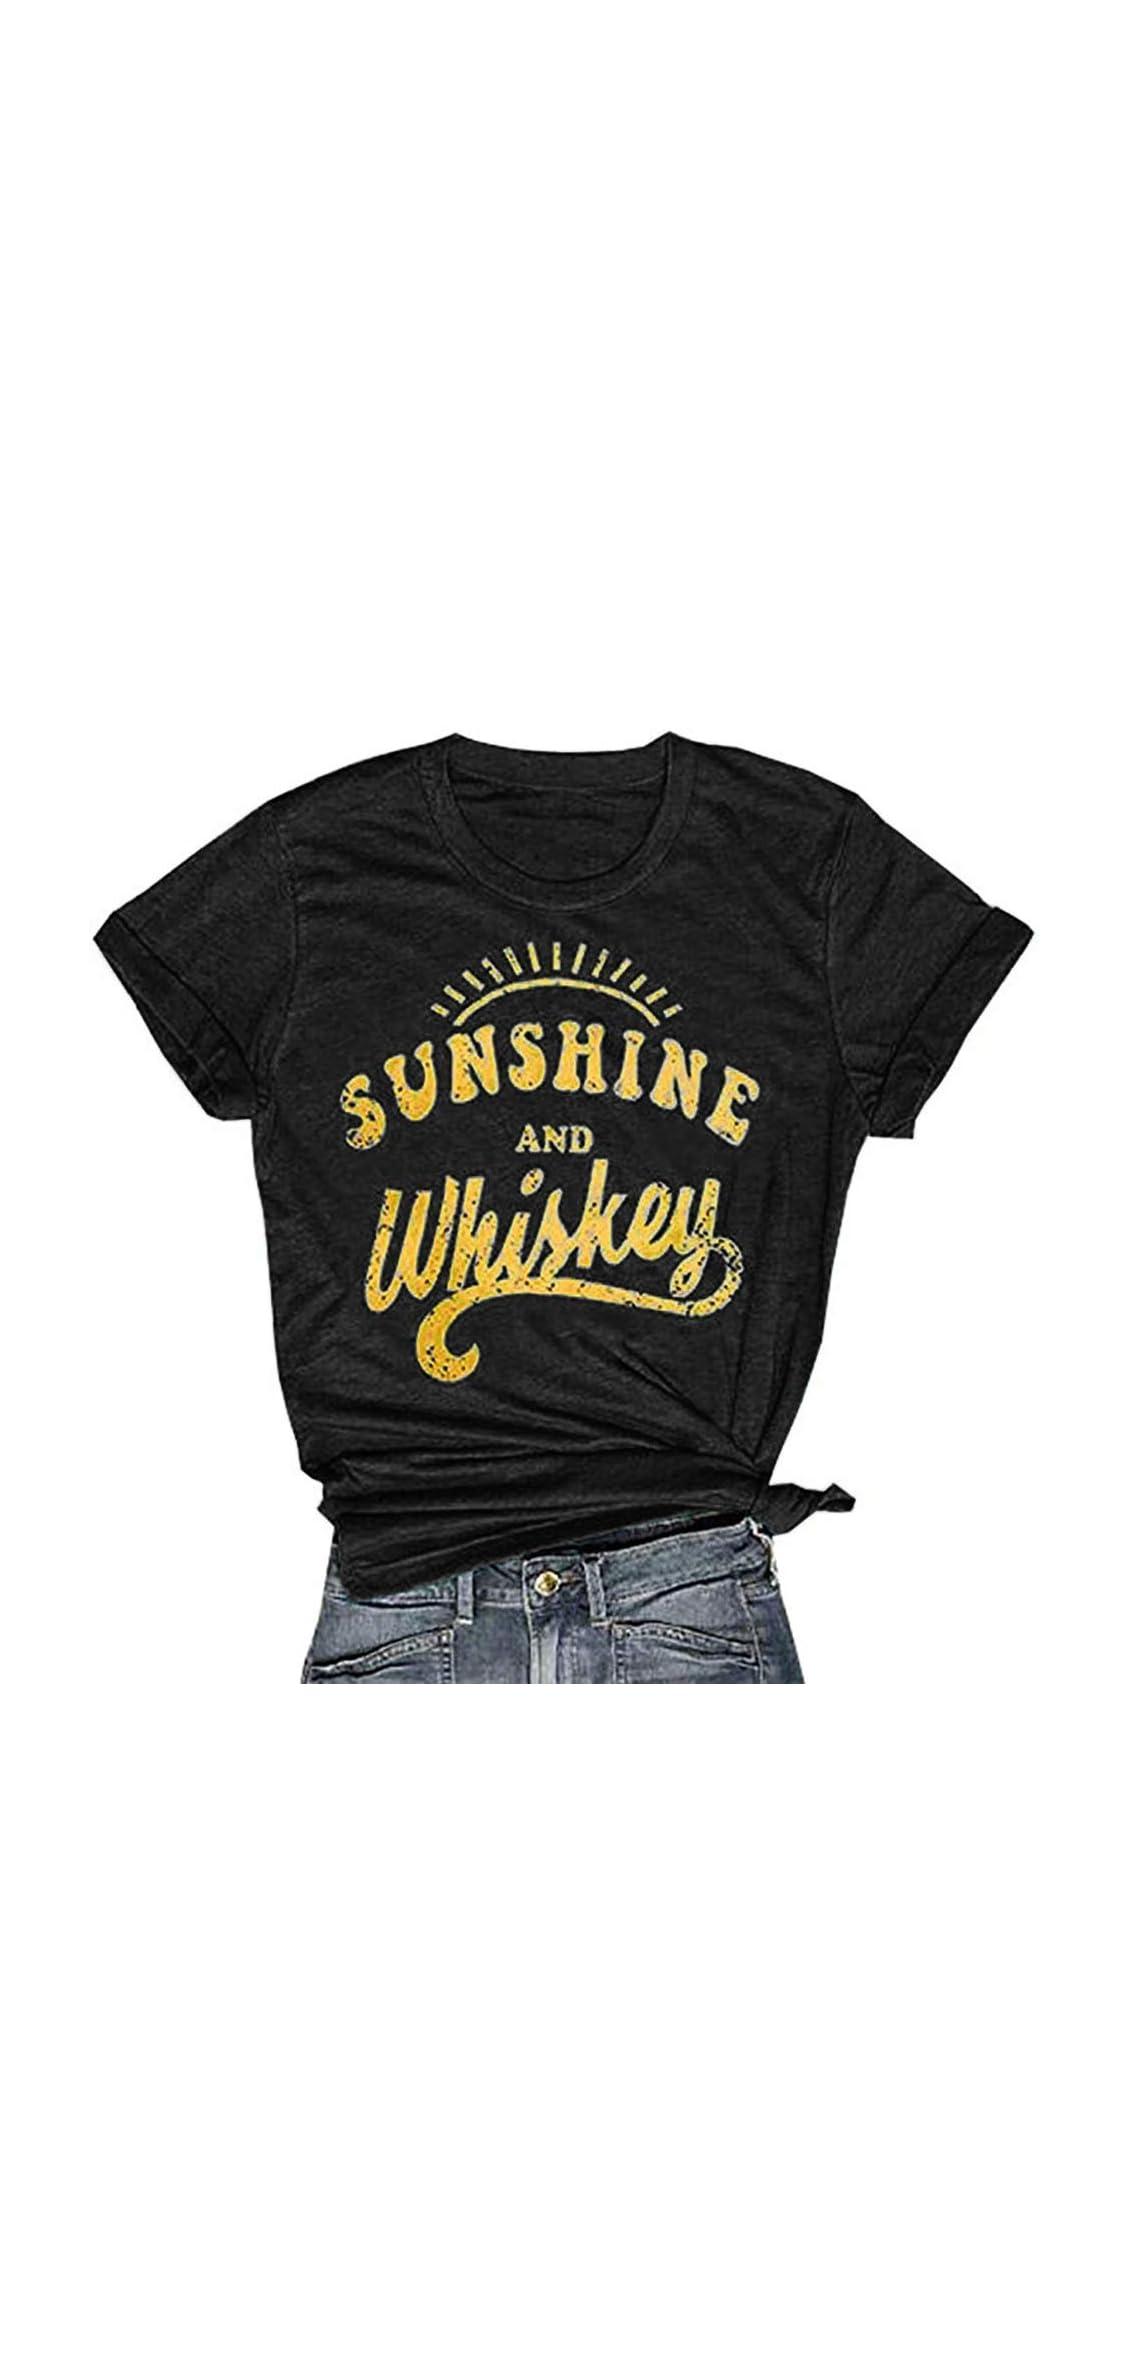 Womens Sunshine And Whiskey T-shirt Casual Beach Music